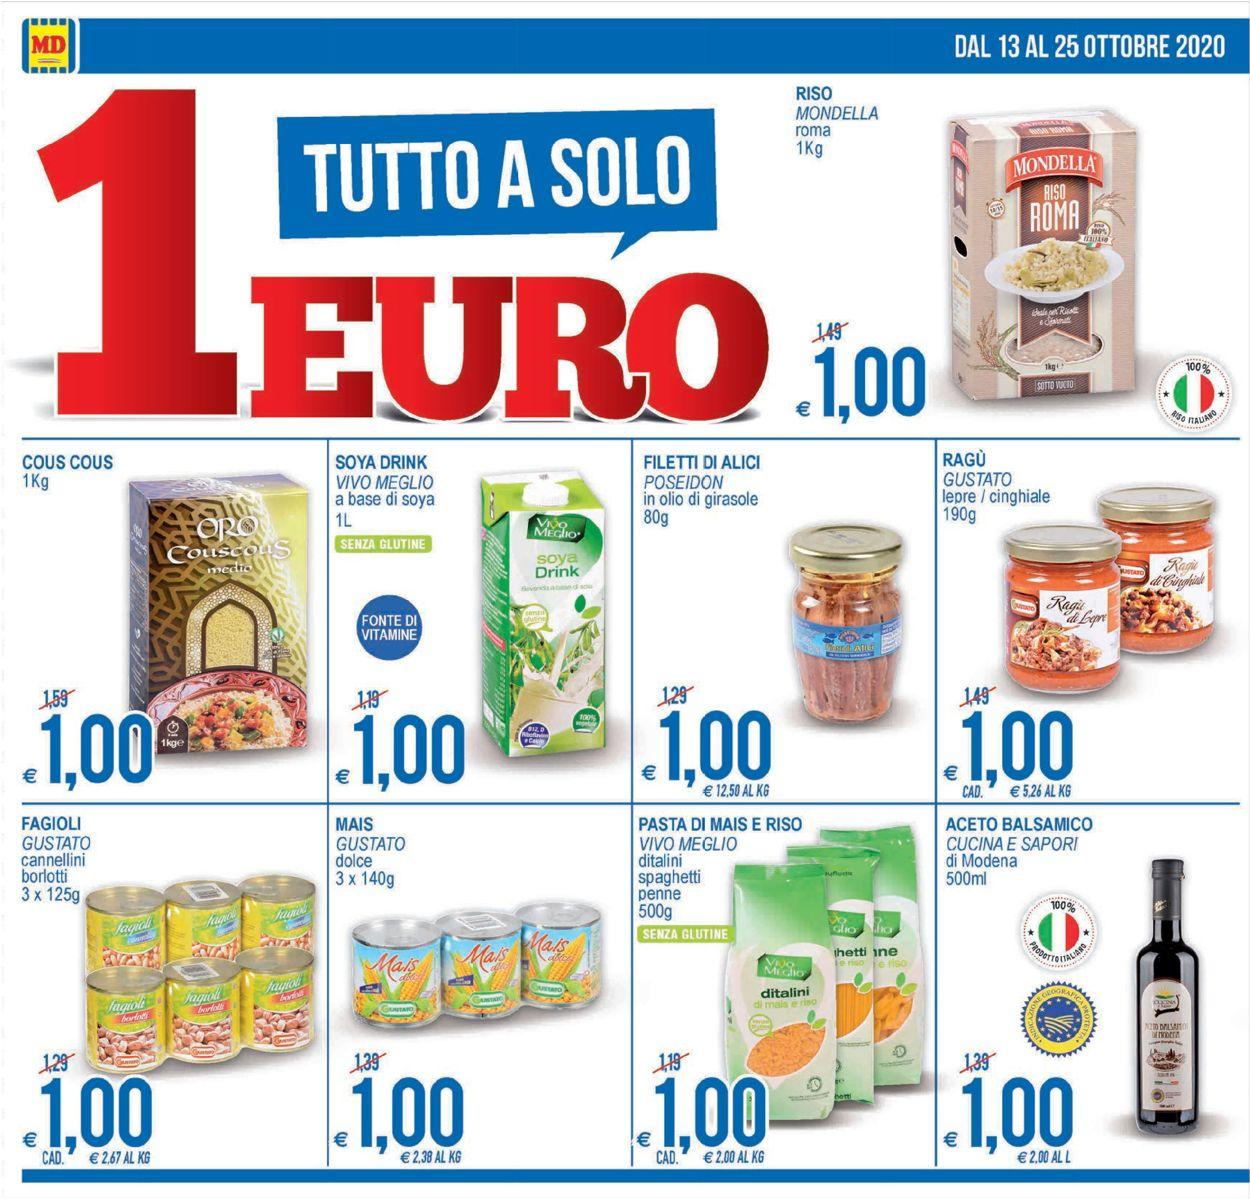 Volantino MD Discount - Offerte 13/10-25/10/2020 (Pagina 4)